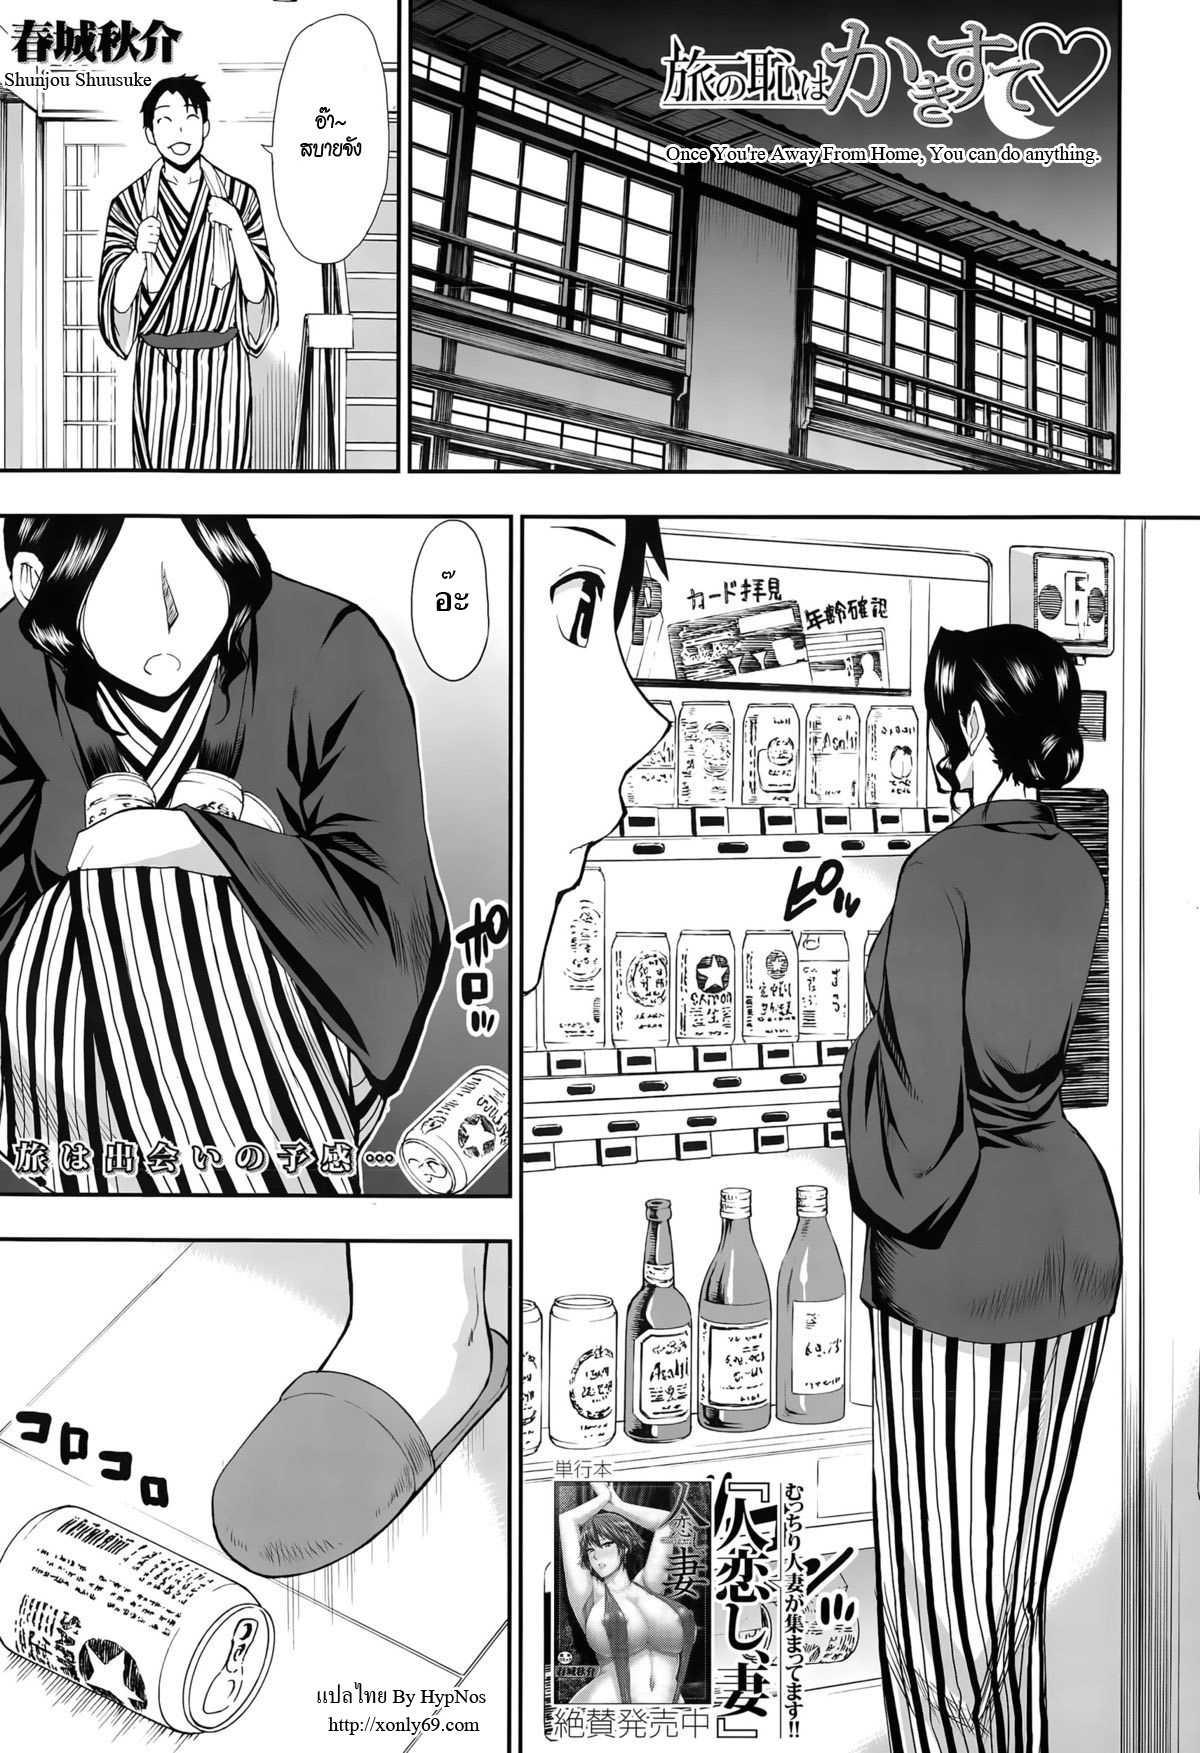 shunjou-shuusuke-osaekirenai-kono-kimochi-3